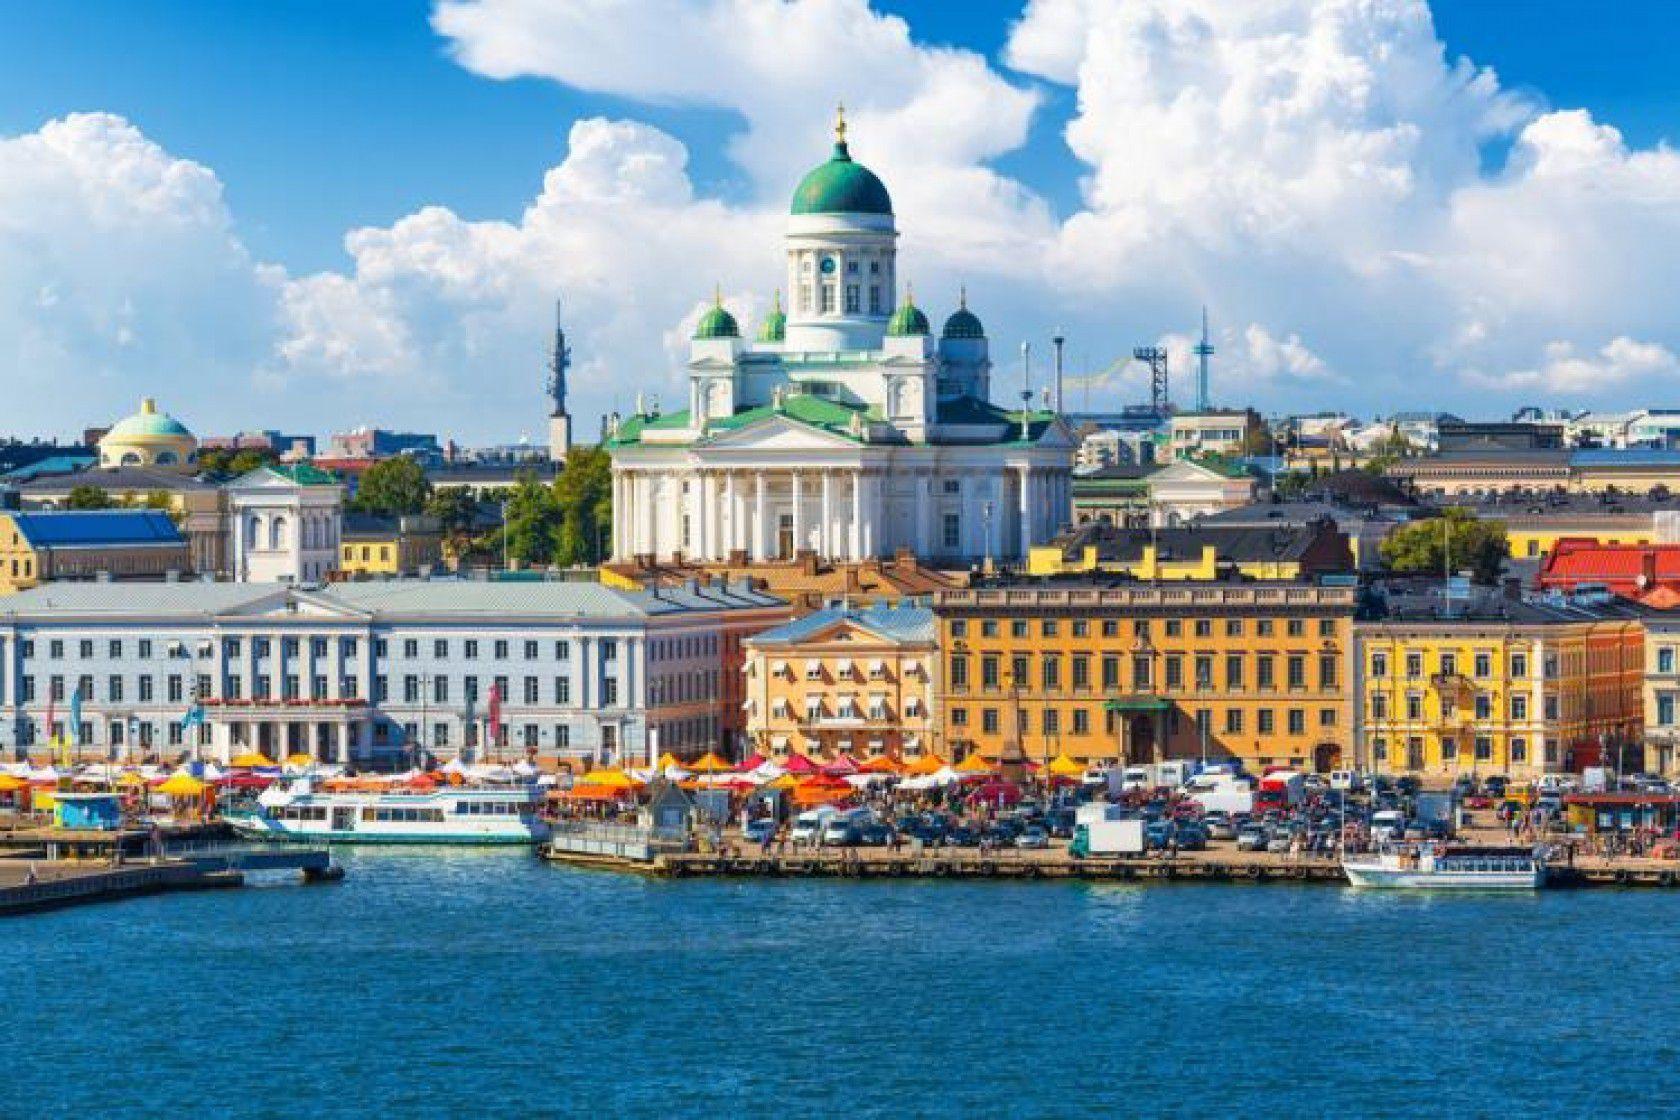 Finlandiya'da lise eğitimi ve lise eğitimi için gereken belgeler